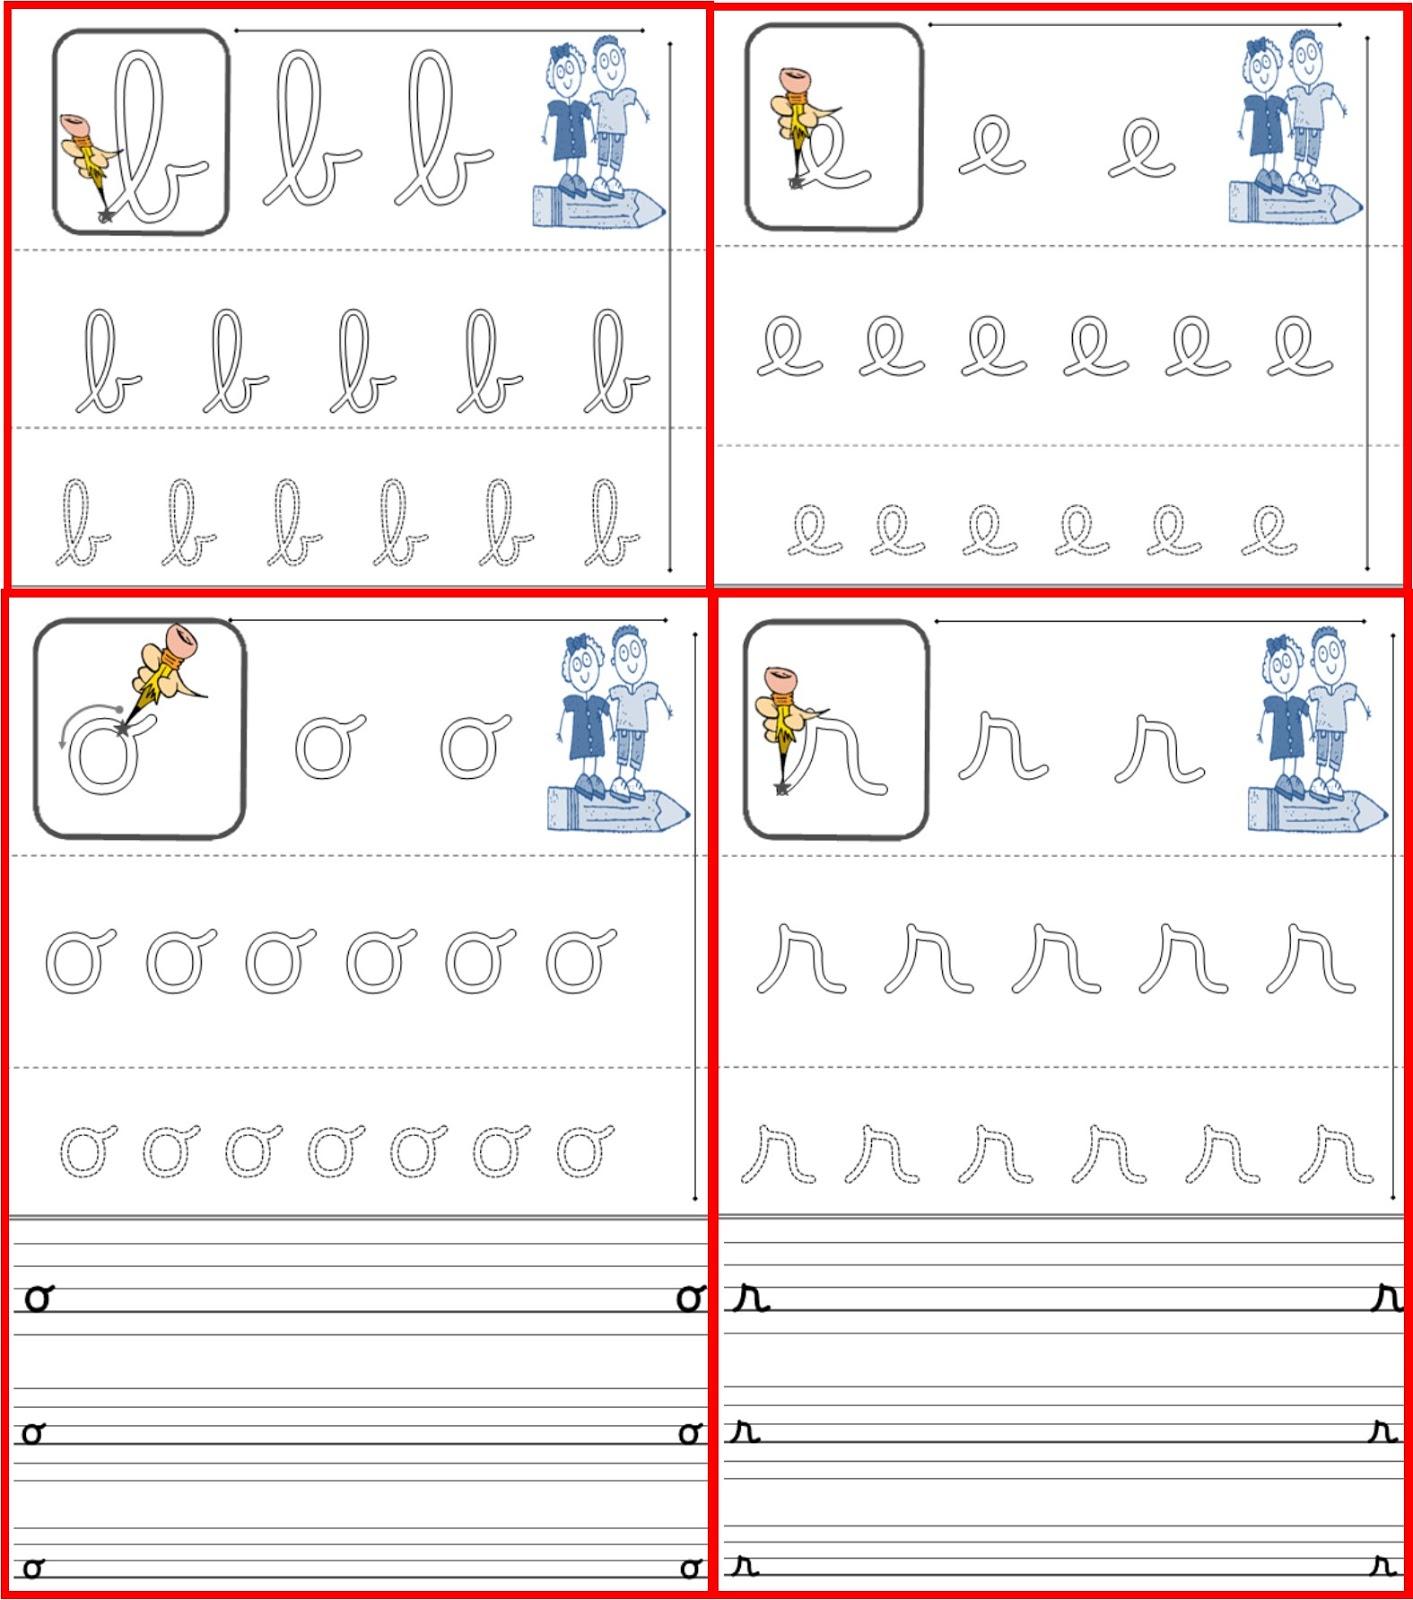 ipot u00c2me     t u00c2me  cp  u00e9criture des lettres de l u0026 39 alphabet